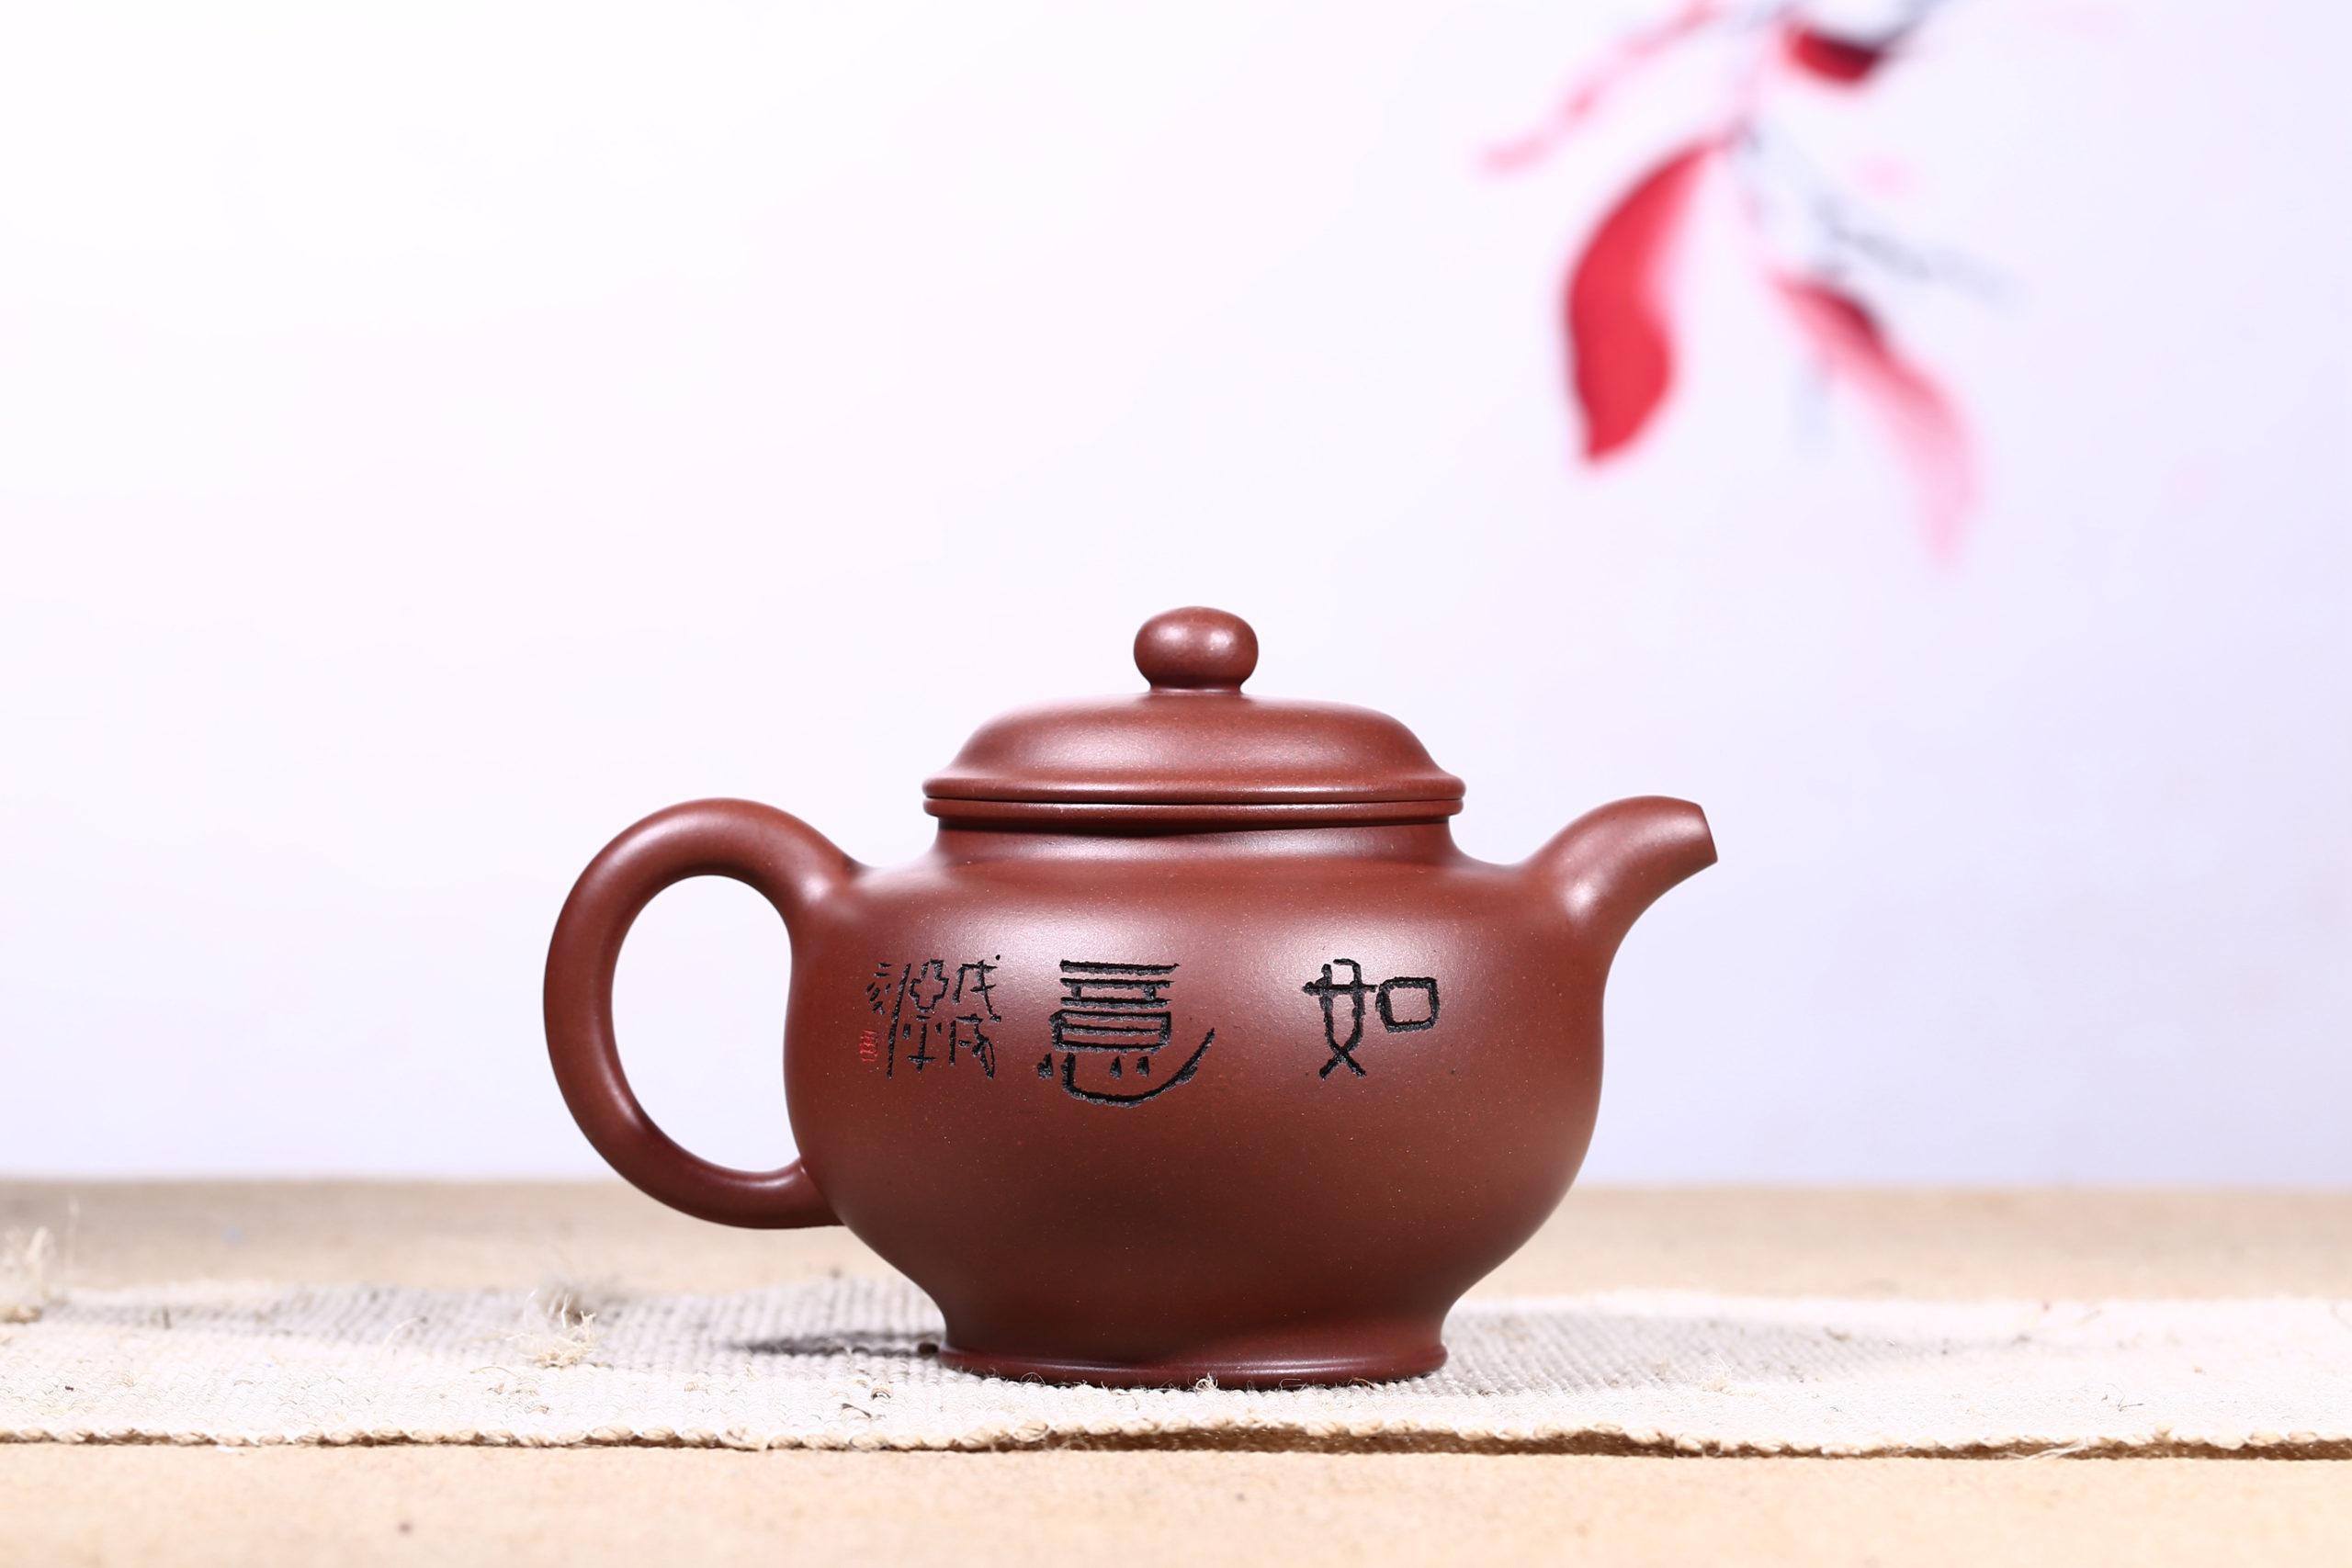 紫砂鉴赏丨王亚平·掇只壶